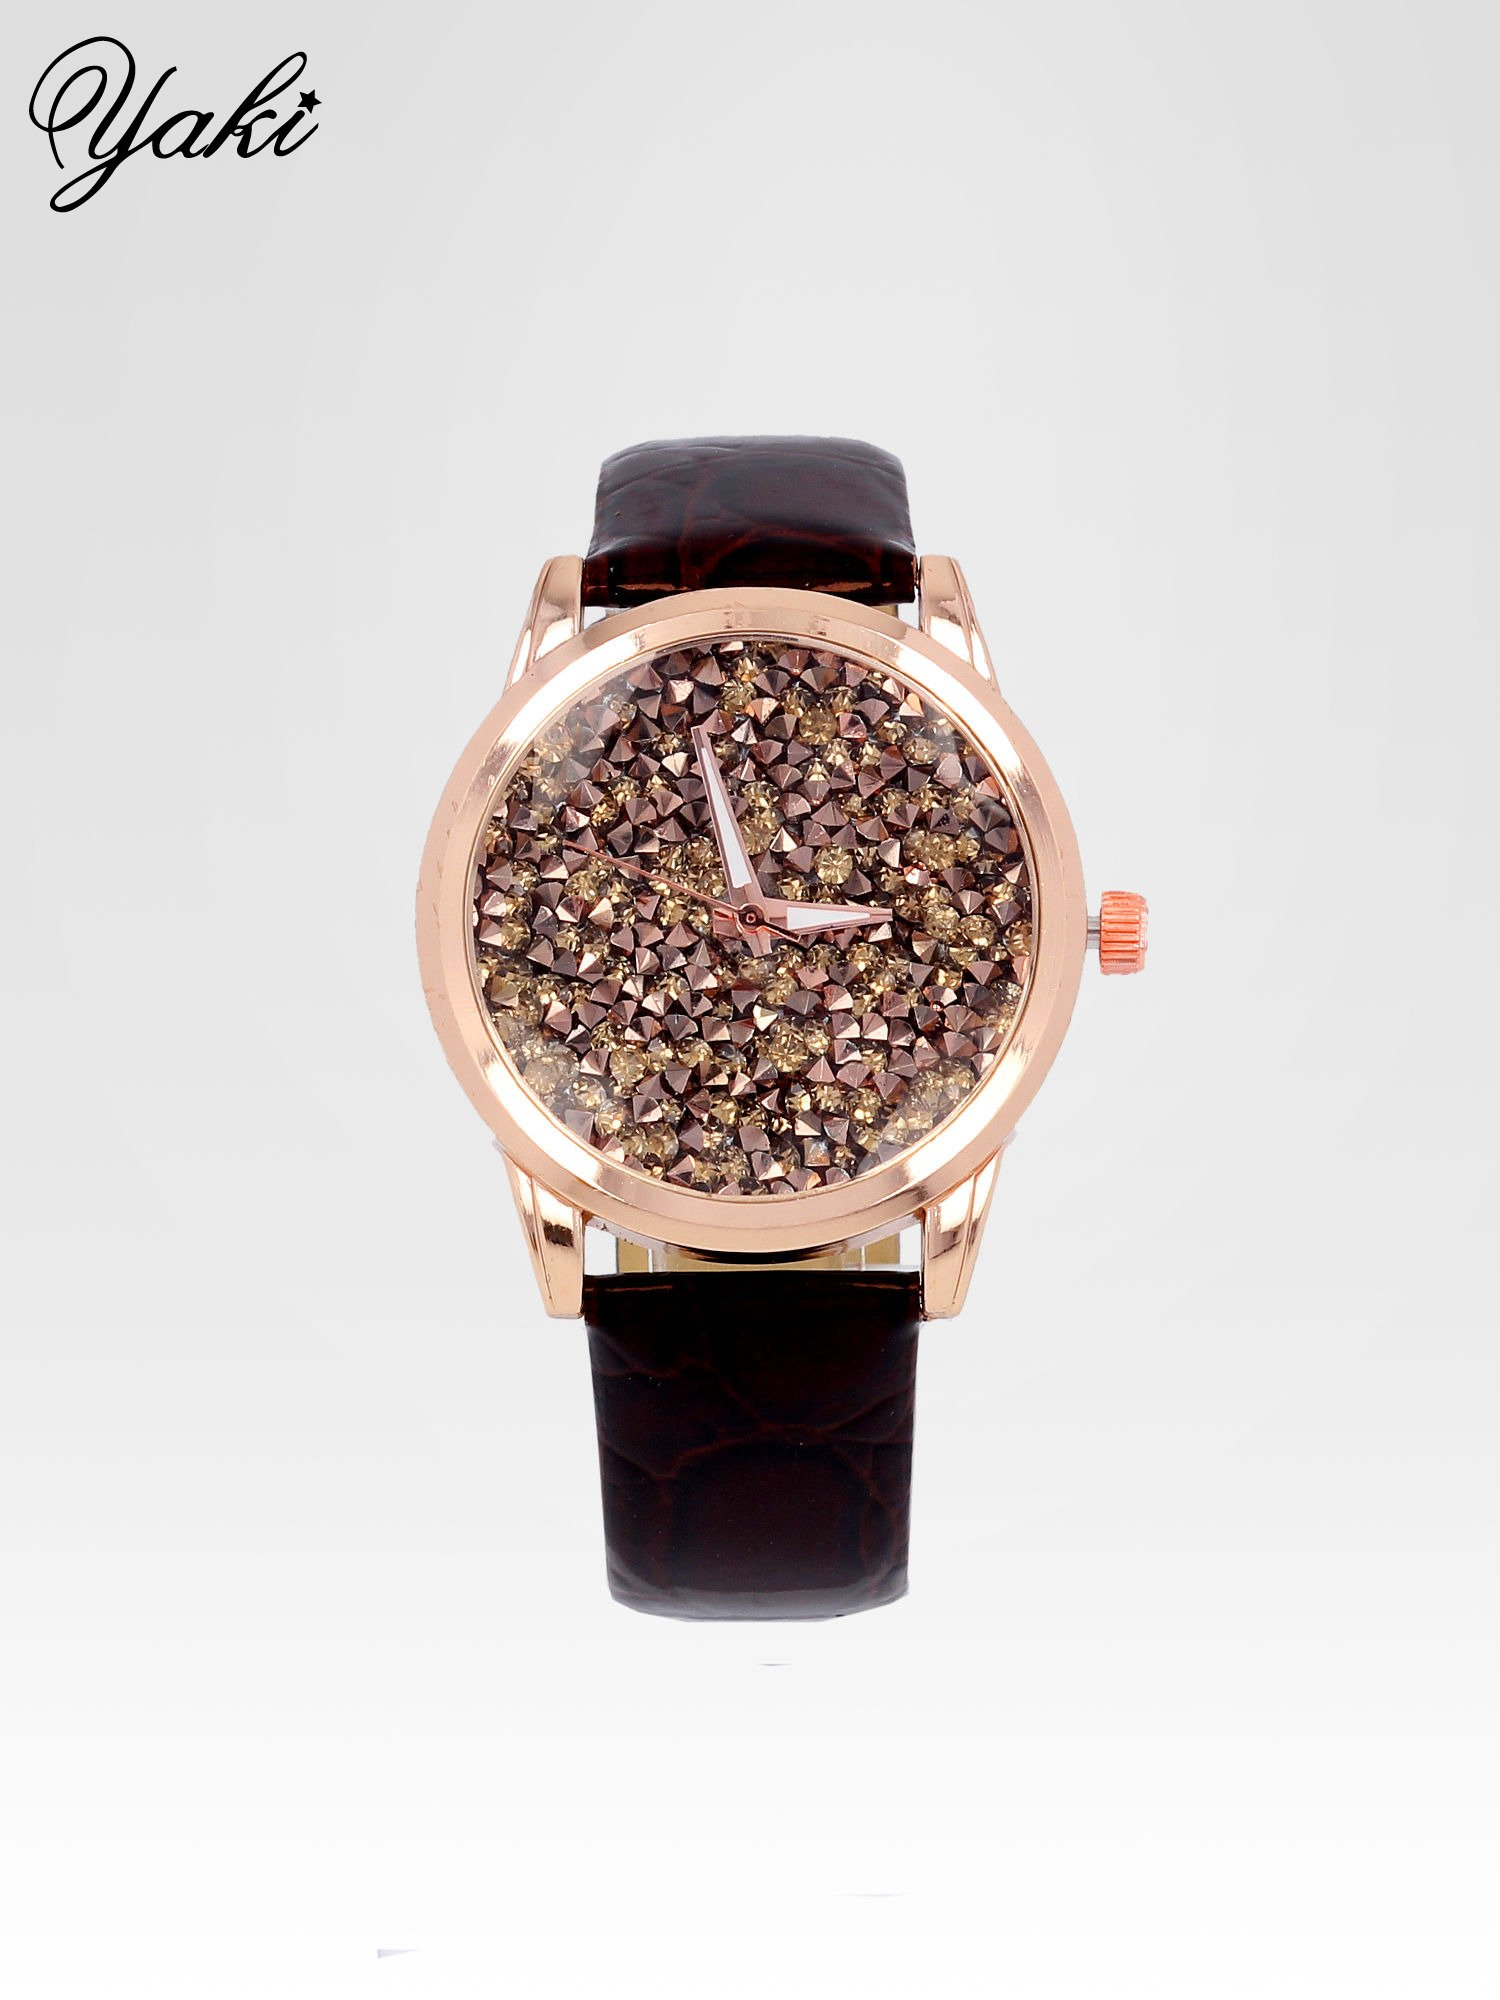 Brązowy zegarek damski na pasku z tarczą glitter                                  zdj.                                  1